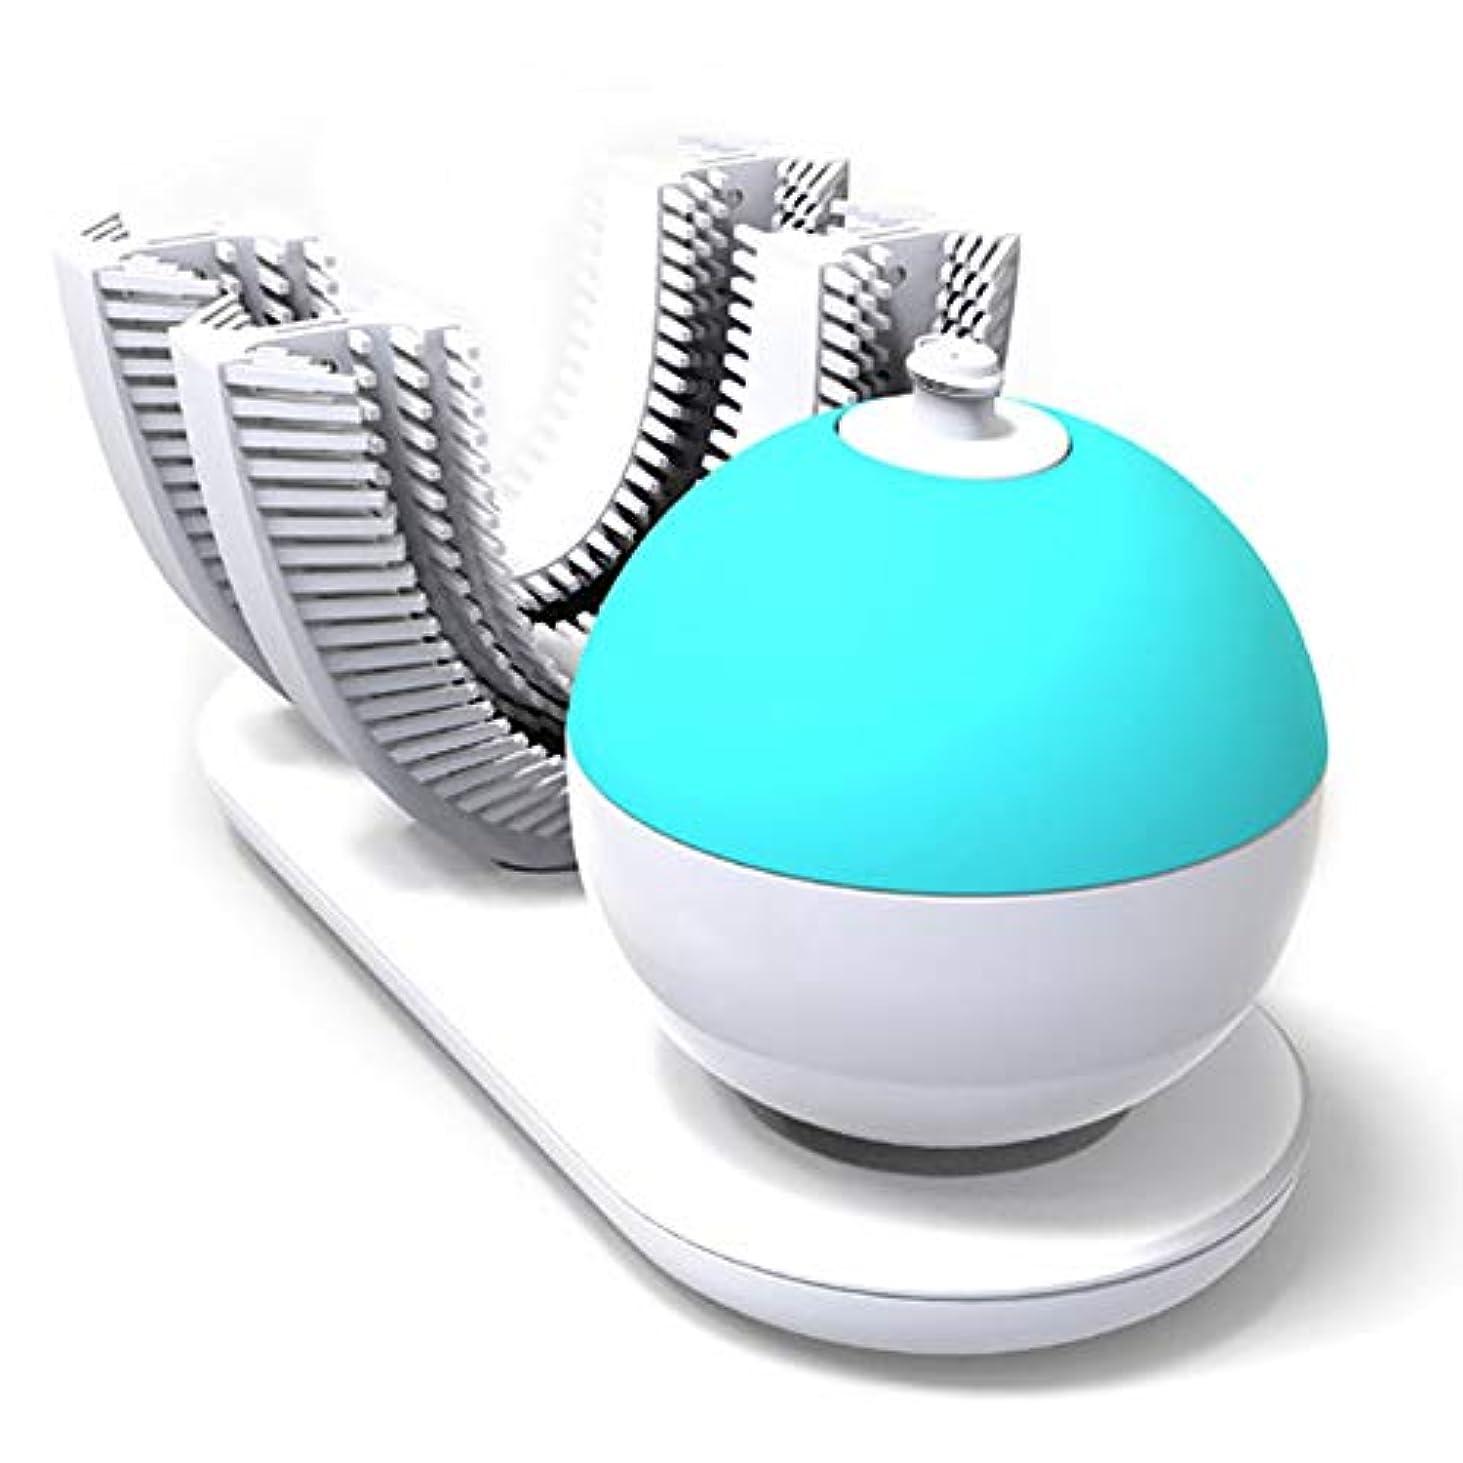 子豚デュアル韻フルオートマチック可変周波数電動歯ブラシ、自動360度U字型電動歯ブラシ、ワイヤレス充電IPX7防水自動歯ブラシ(大人用)